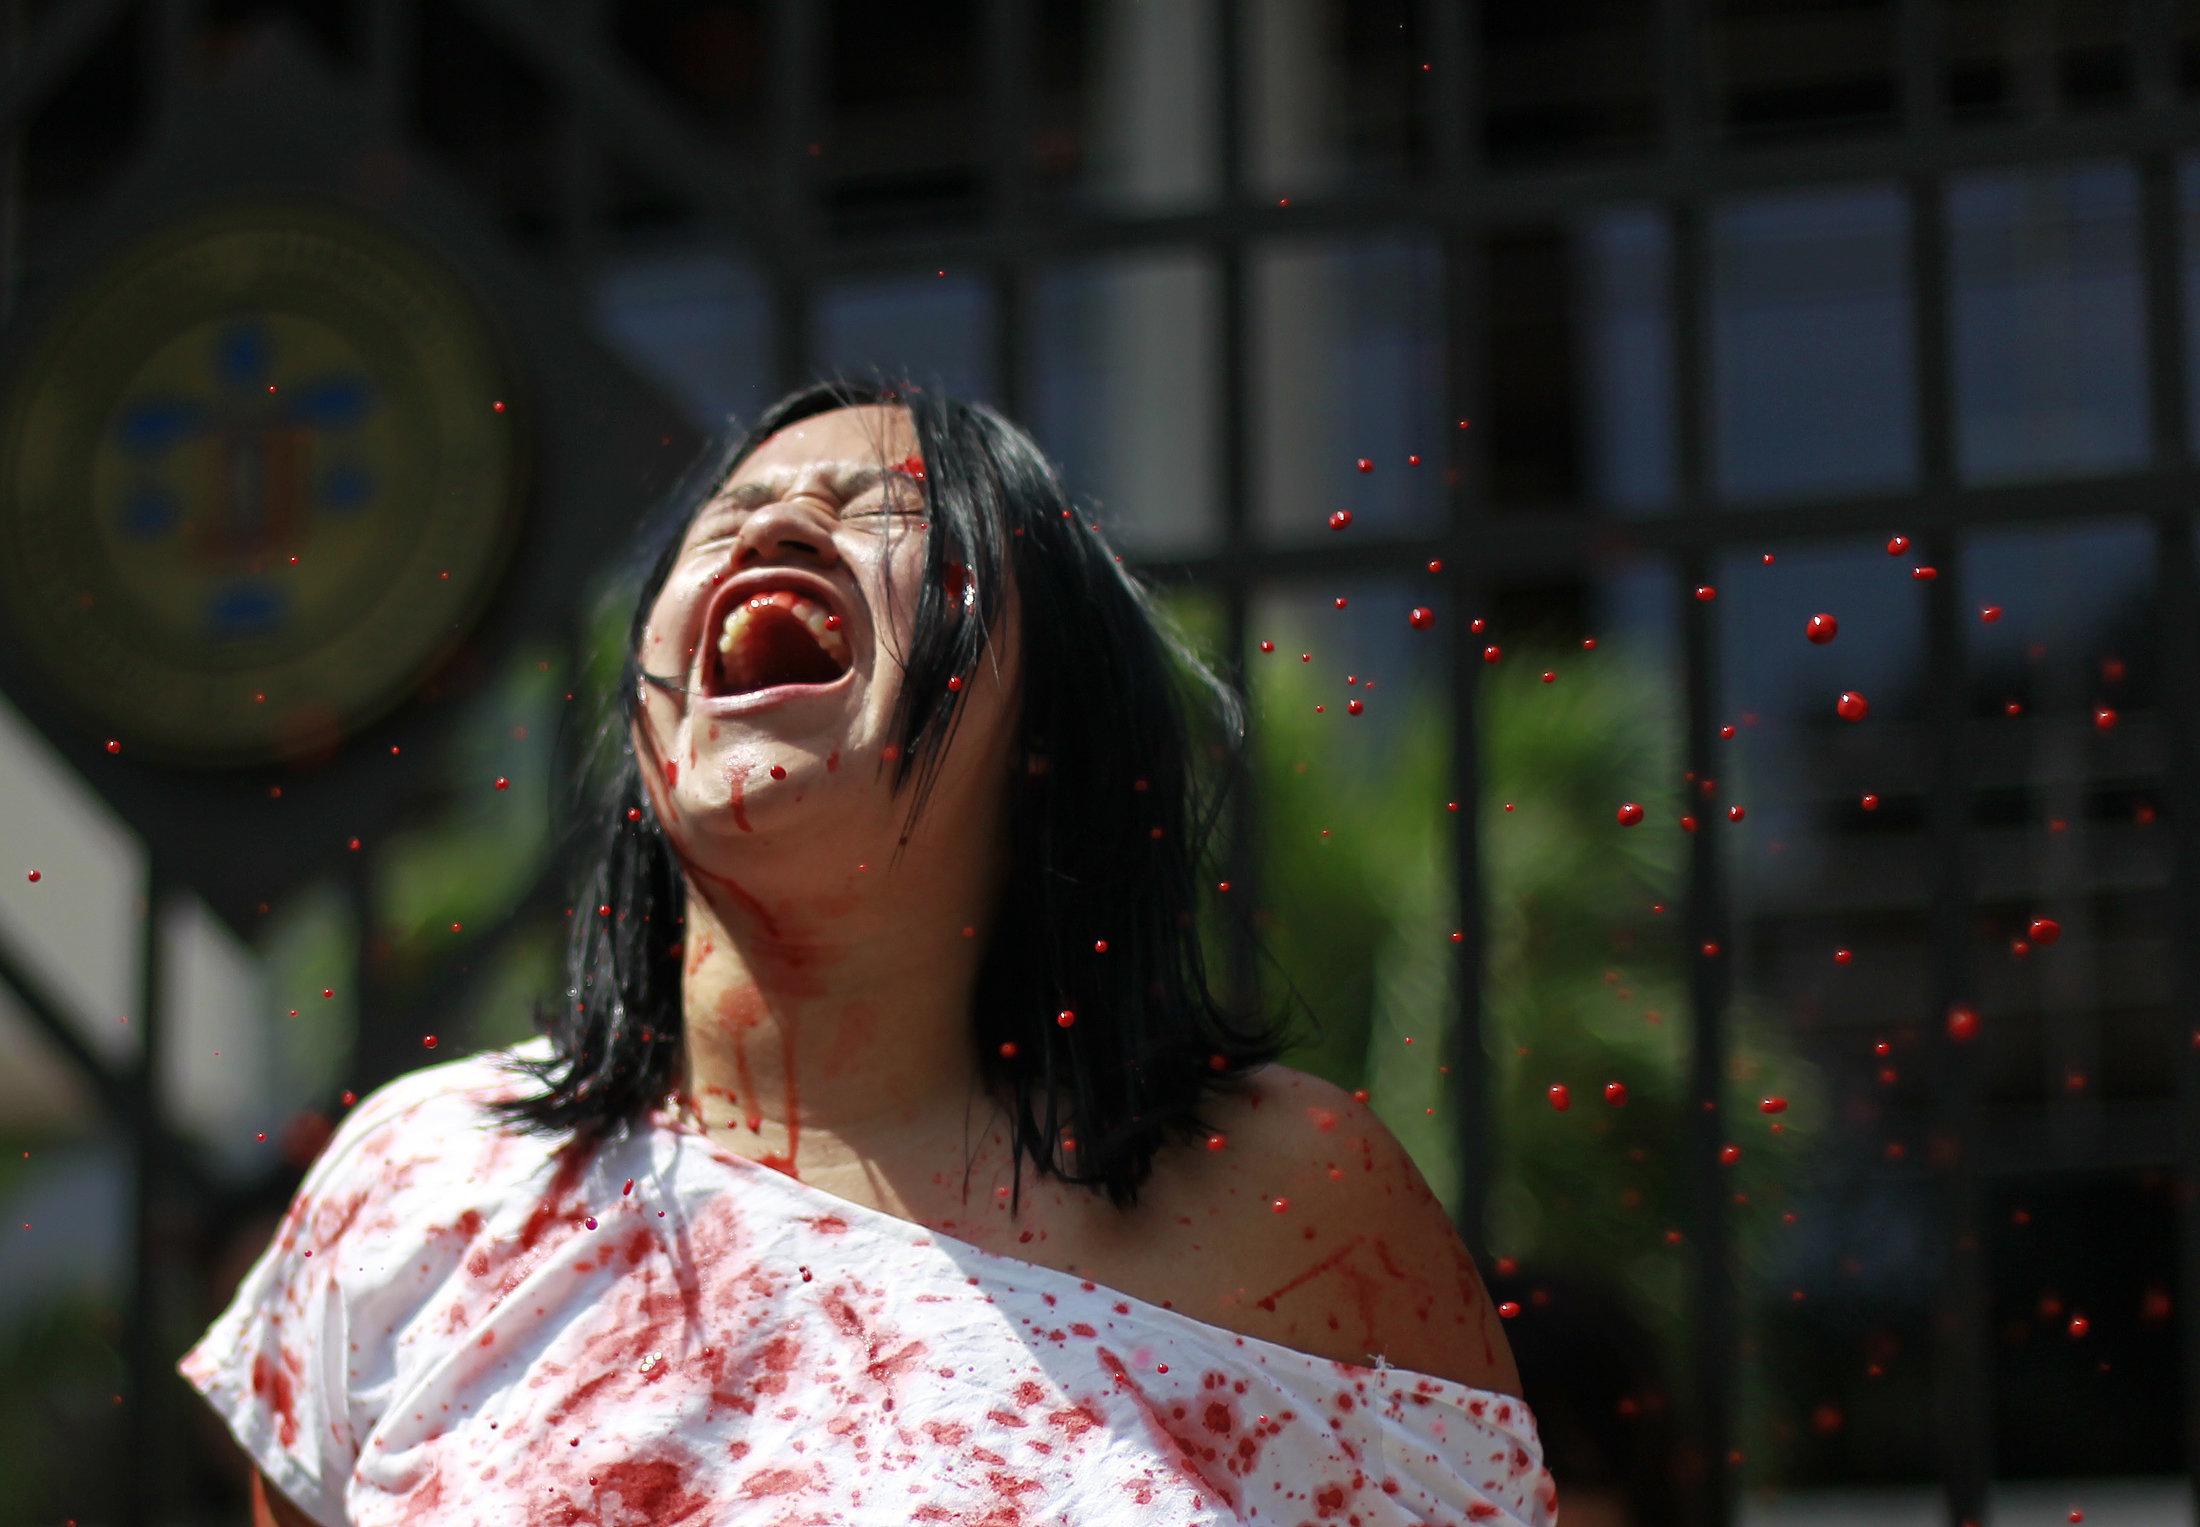 2013년 엘살바도르 대법원 외부에서 진행된 낙태법 반대